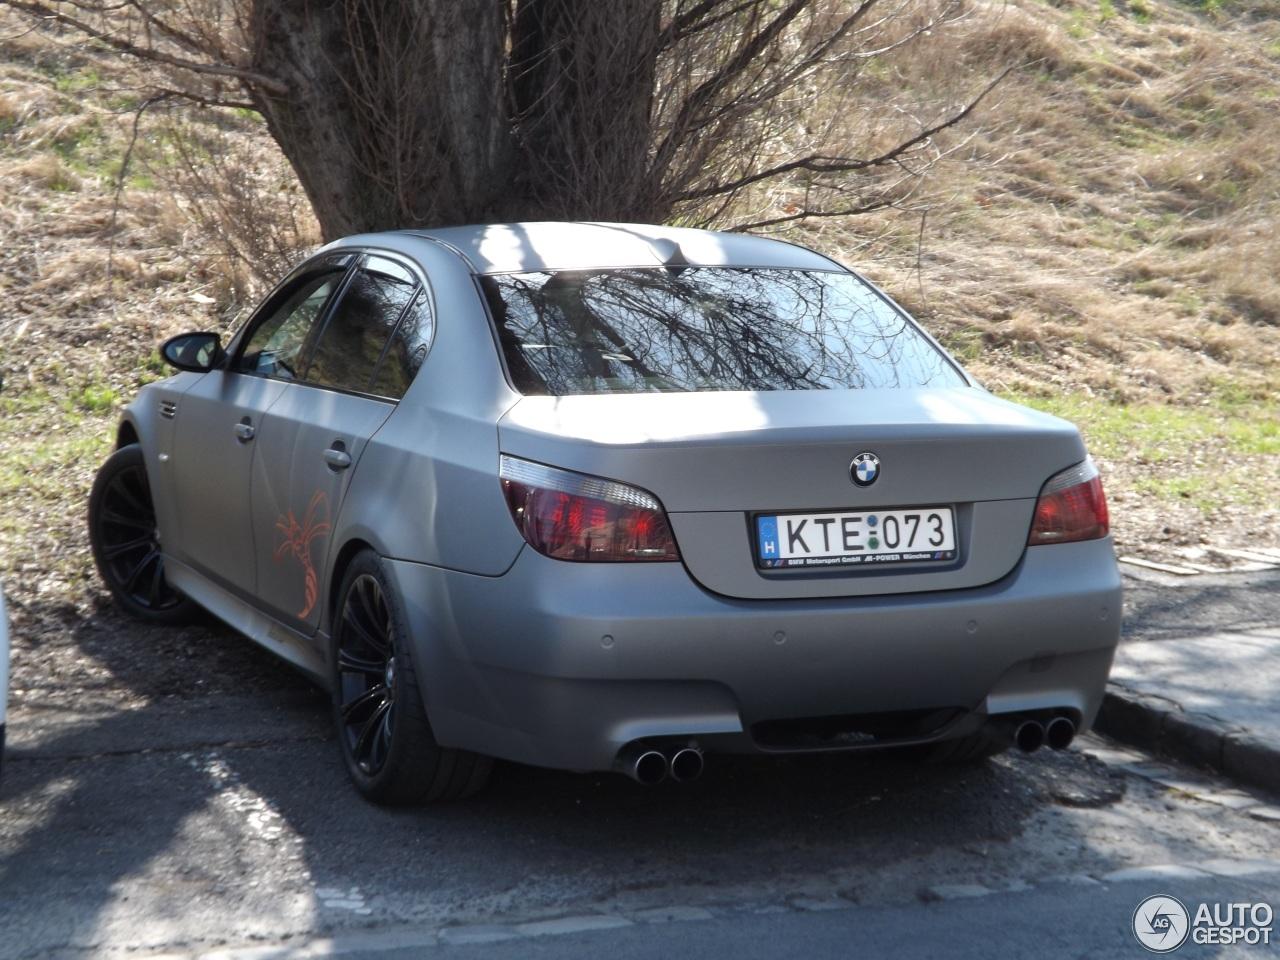 BMW M5 E60 2005 - 20 March 2016 - Autogespot